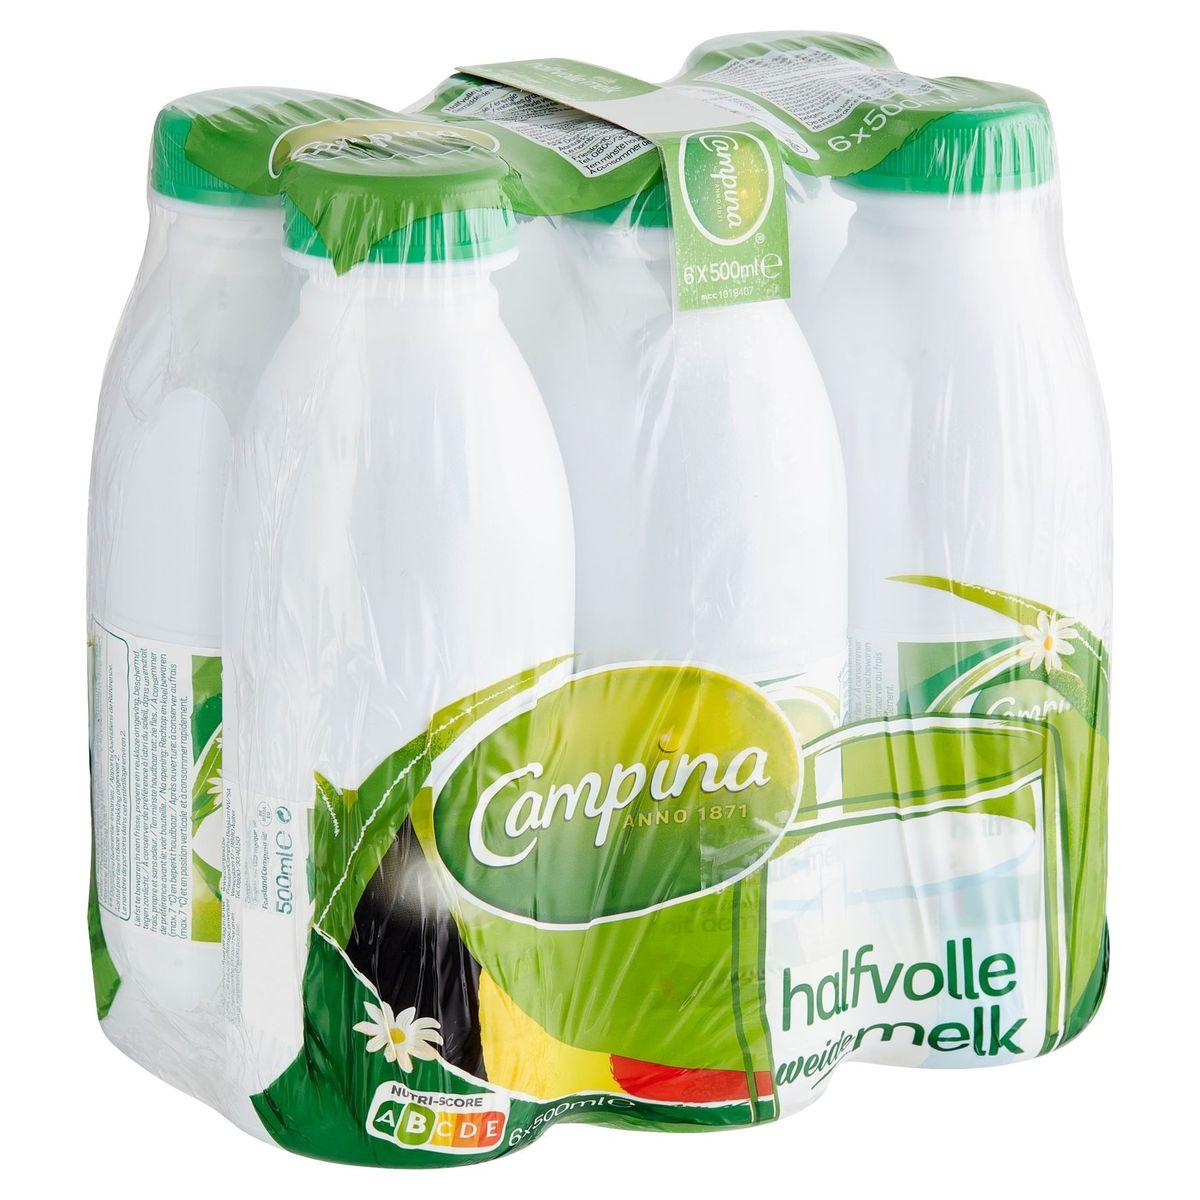 Campina Lait Demi-Écrémé de Pâturage 6 x 500 ml